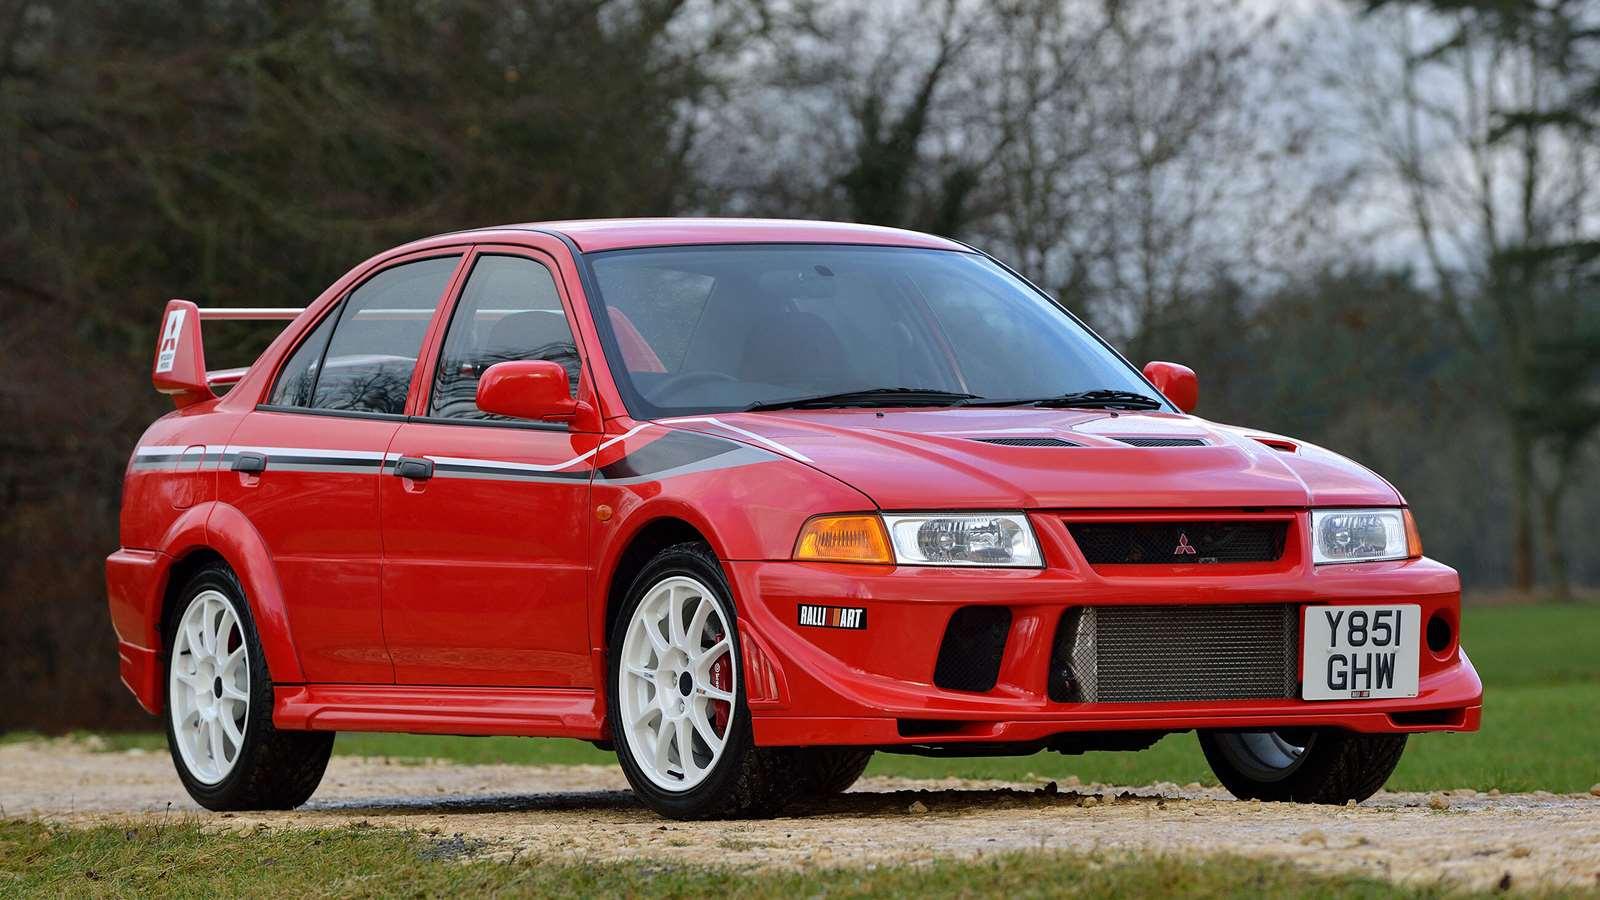 Best Mitsubishis Evo VI